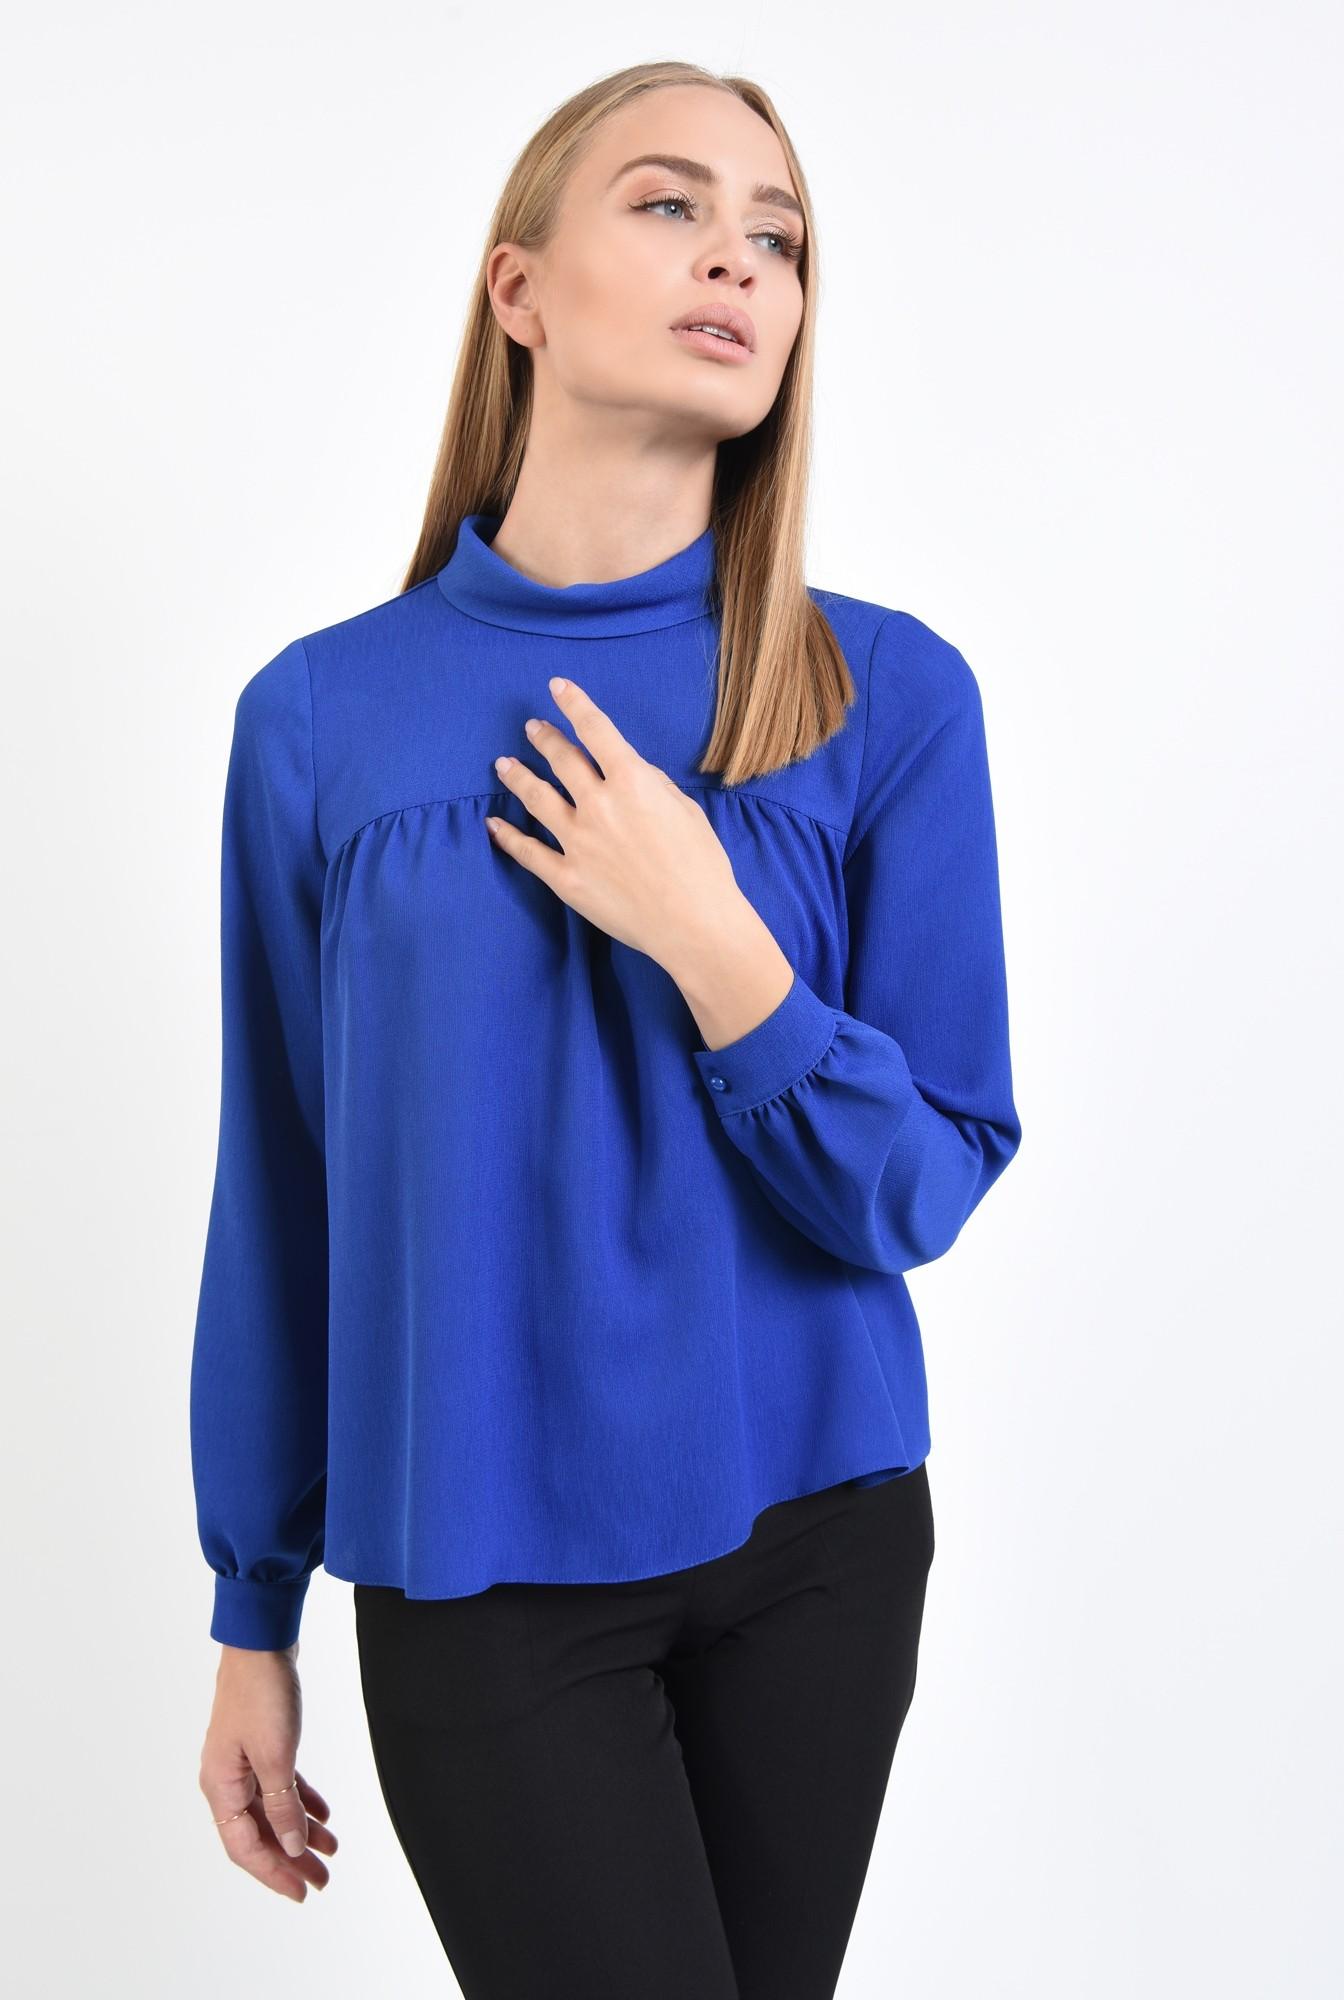 2 - 360 - bluza albastra, croi lejer, maneci lungi